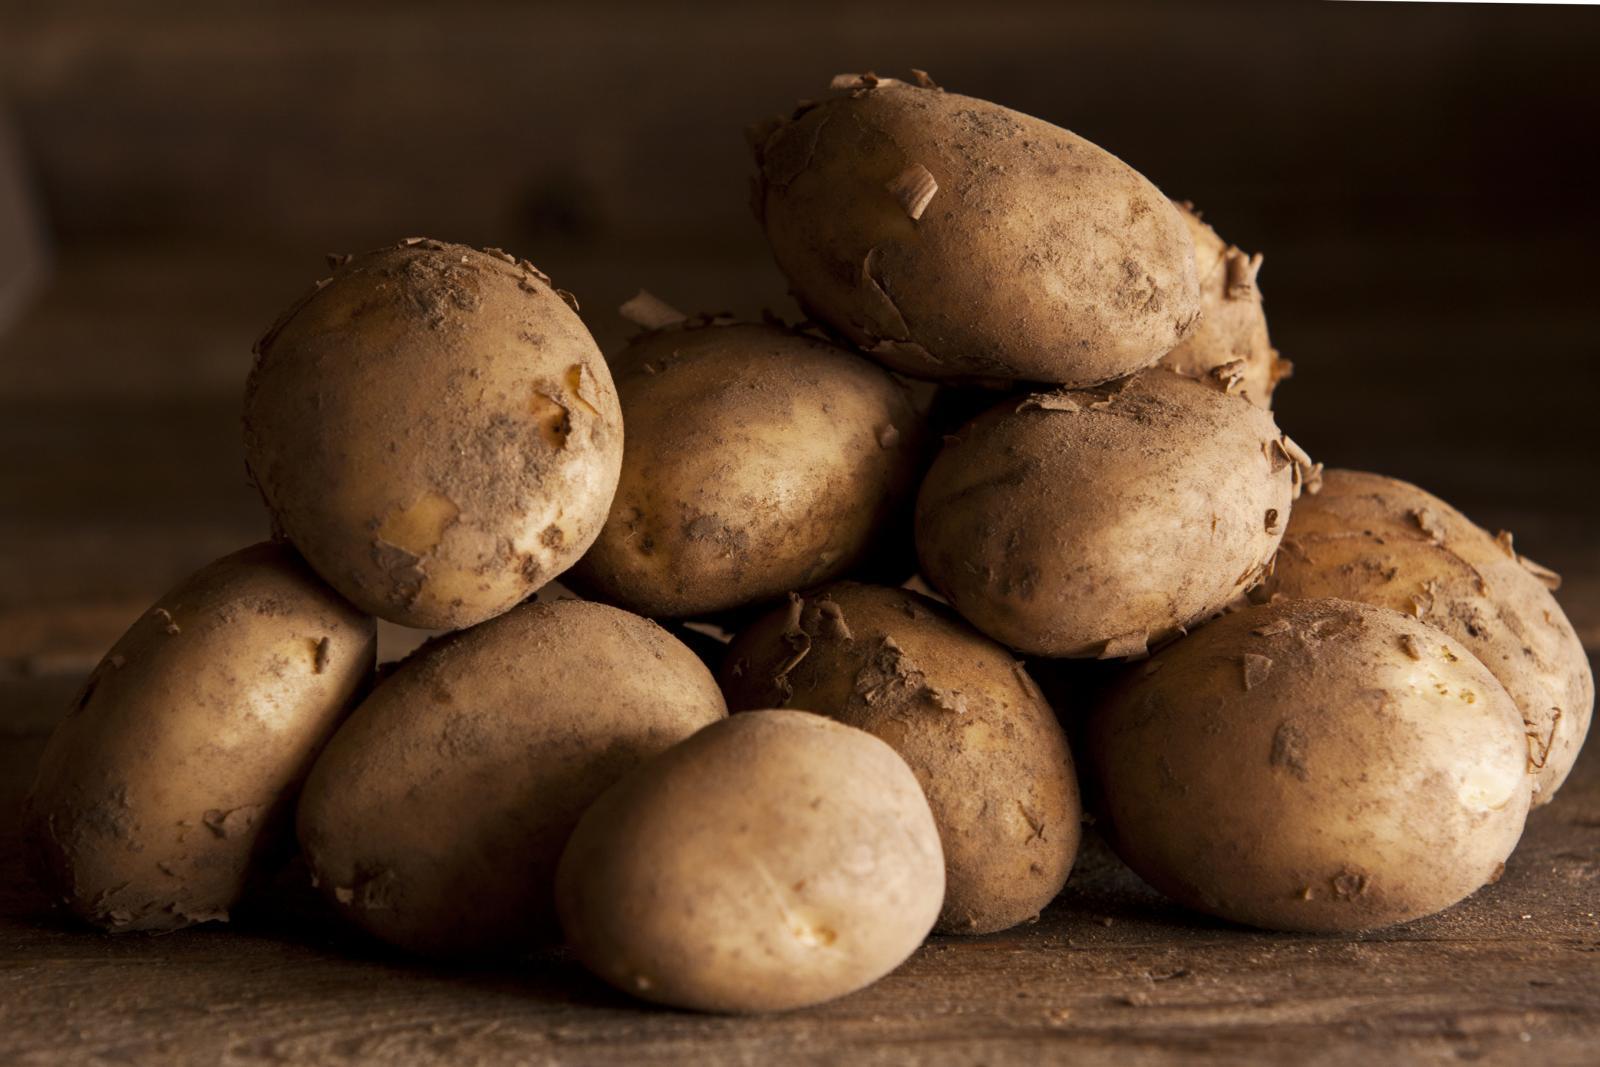 Zbog bogatog sadržaja visokokvalitetnih sastojaka u narodnoj se medicini krumpir od davnina koristi za liječenje reume te upalnih stanja kao što su upale zglobova, artritis i giht.